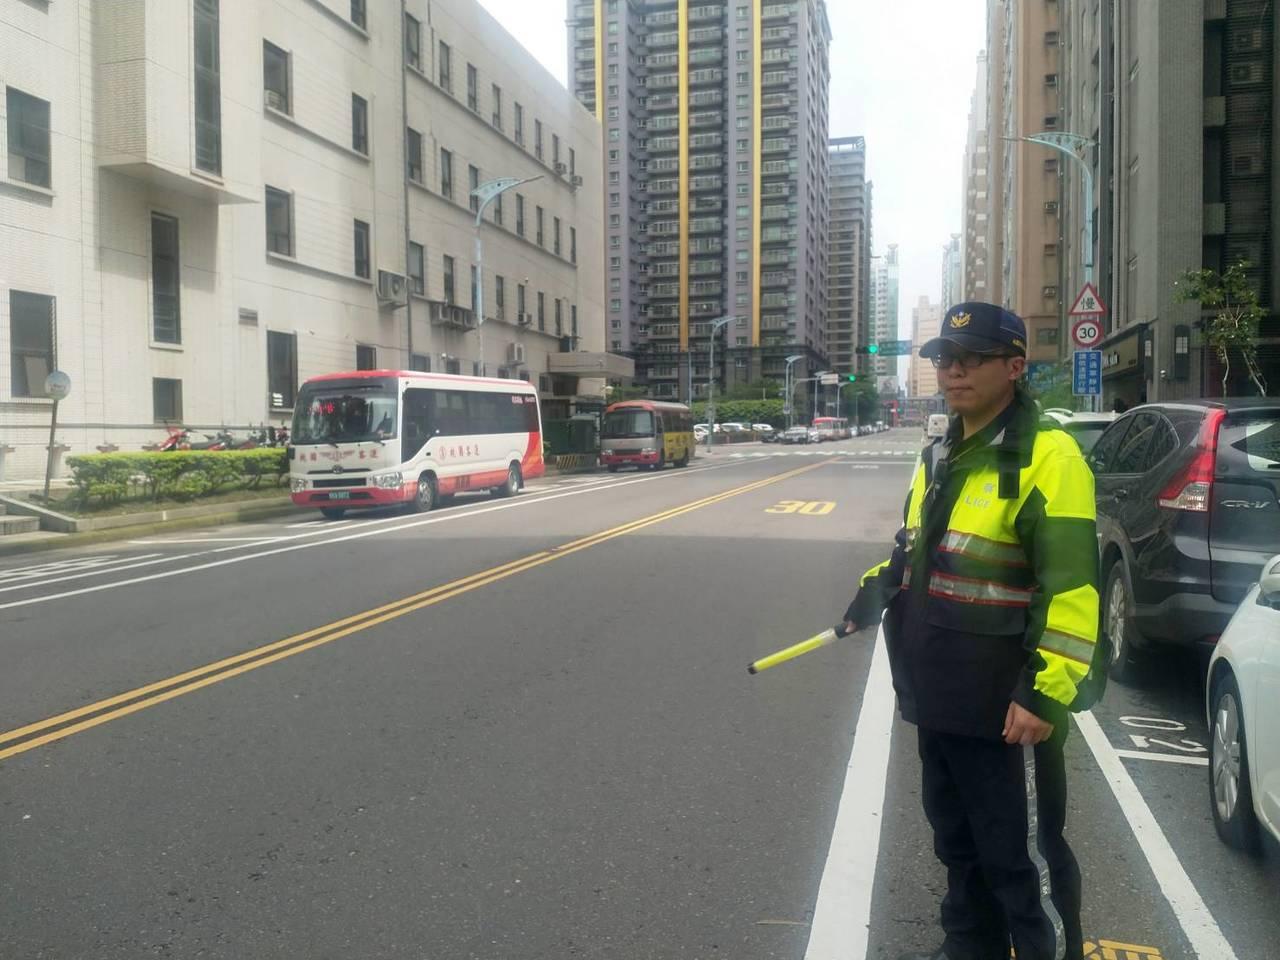 桃園市今天下午1時30分到2時,舉行萬安42號演習,演習警報響起警方疏導人車停靠...